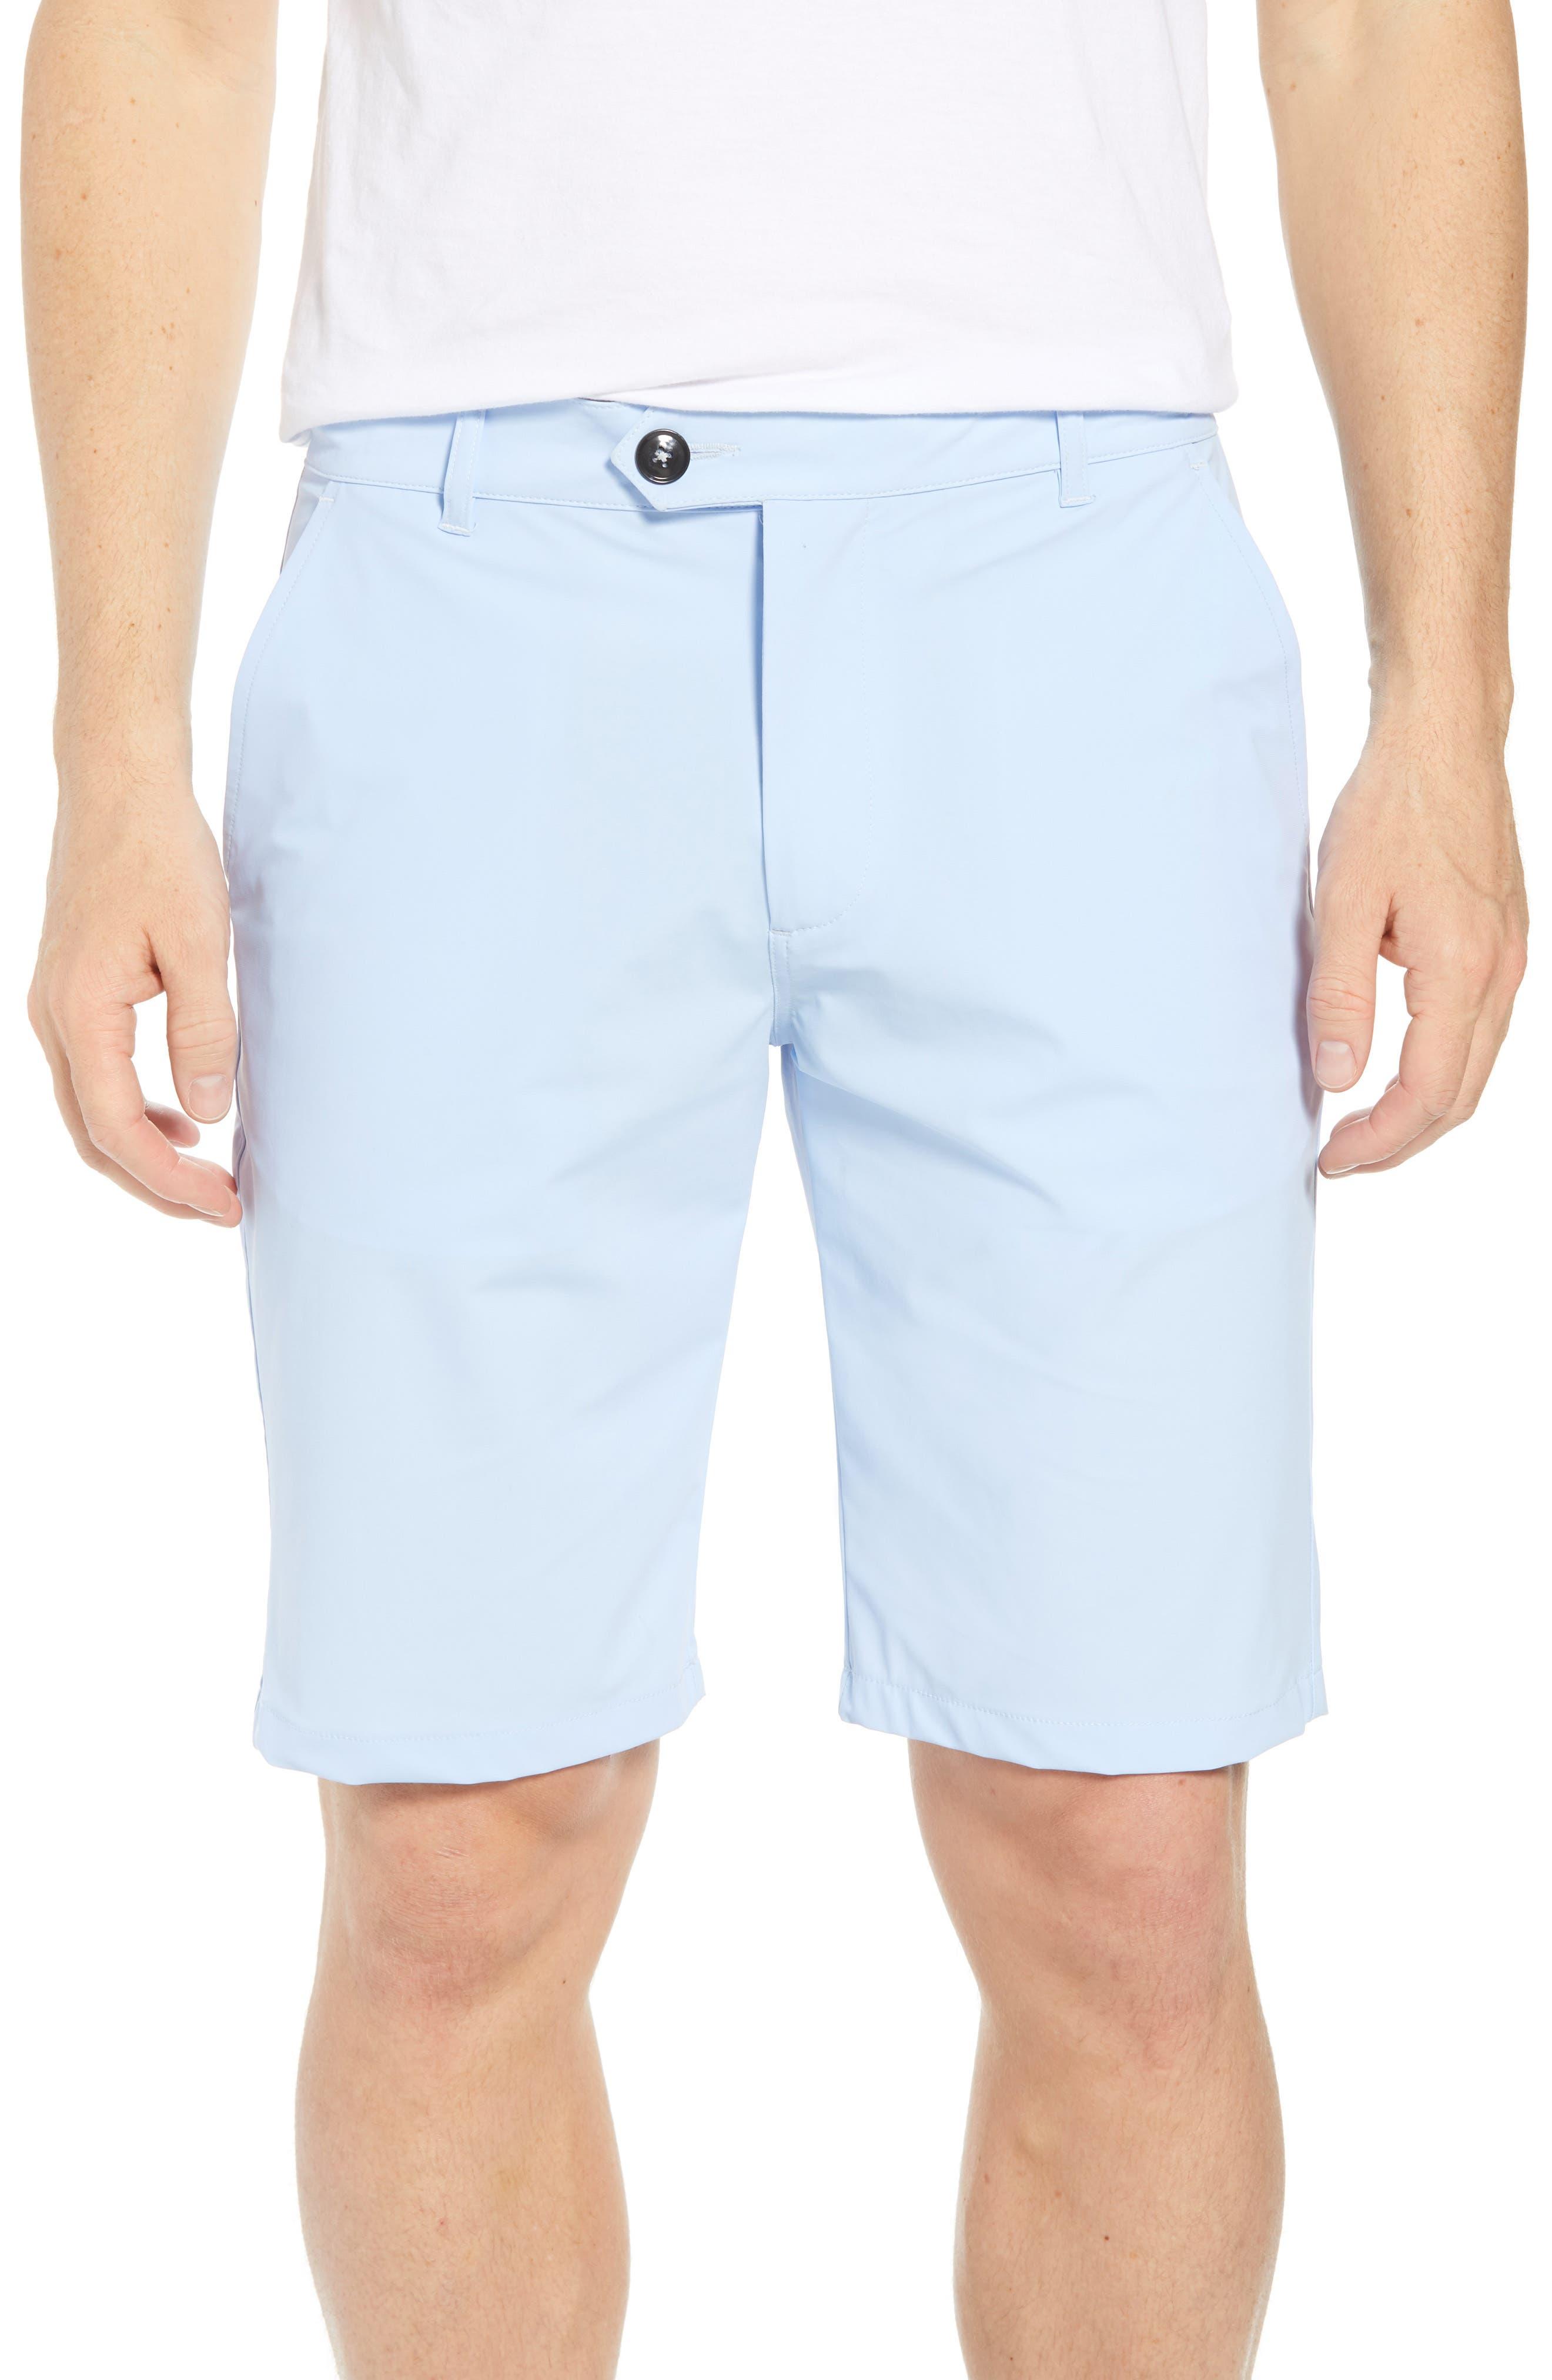 Montauk Shorts,                             Main thumbnail 1, color,                             WOLF